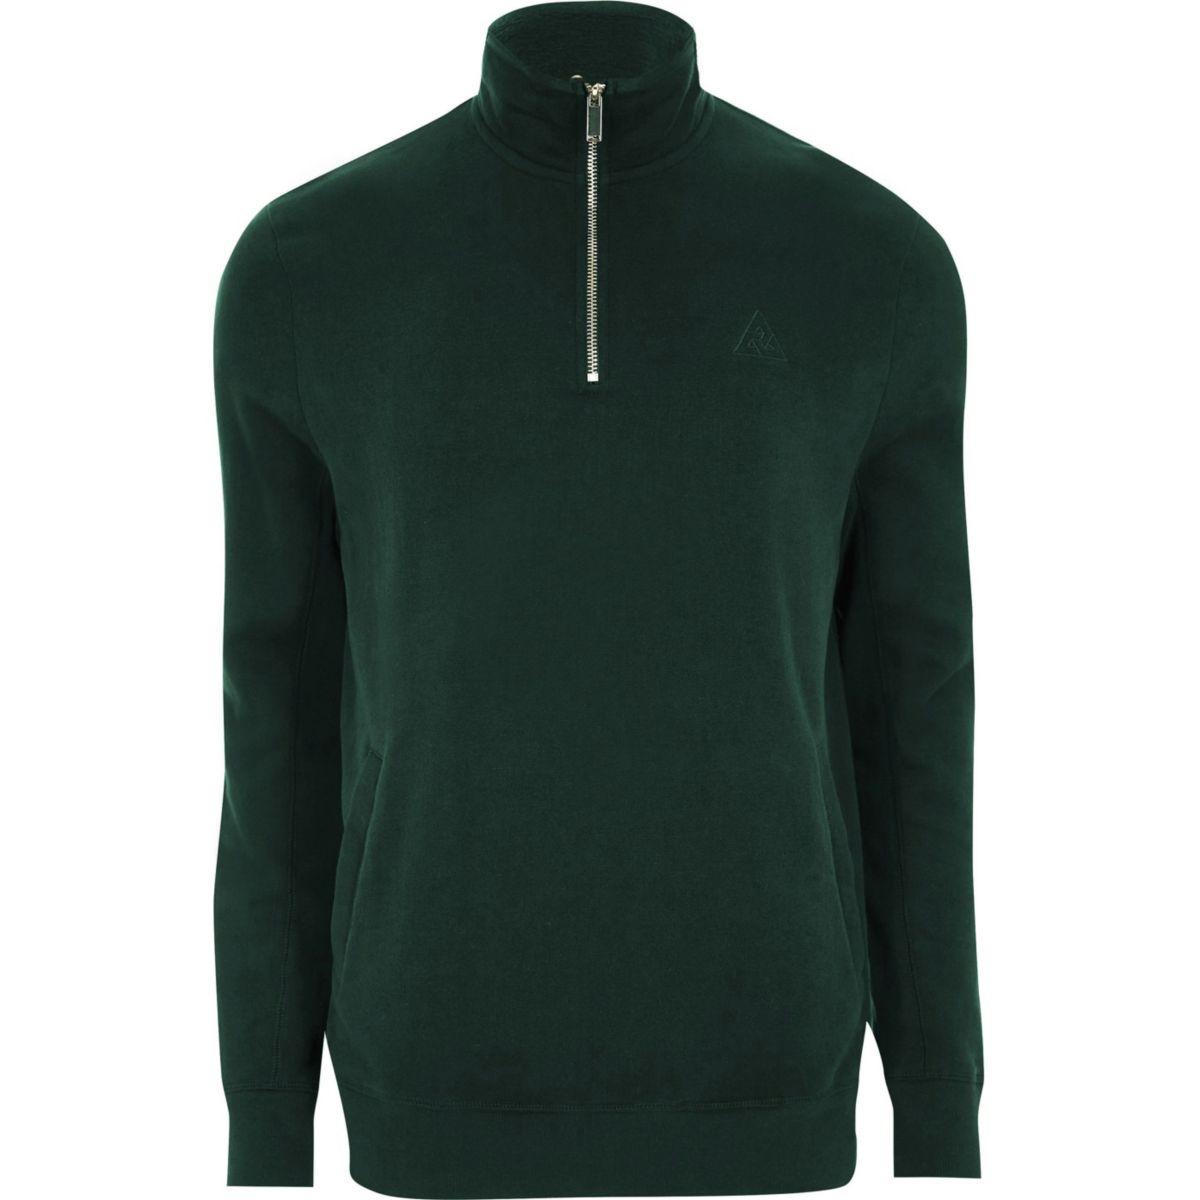 Green zip-up funnel neck sweatshirt